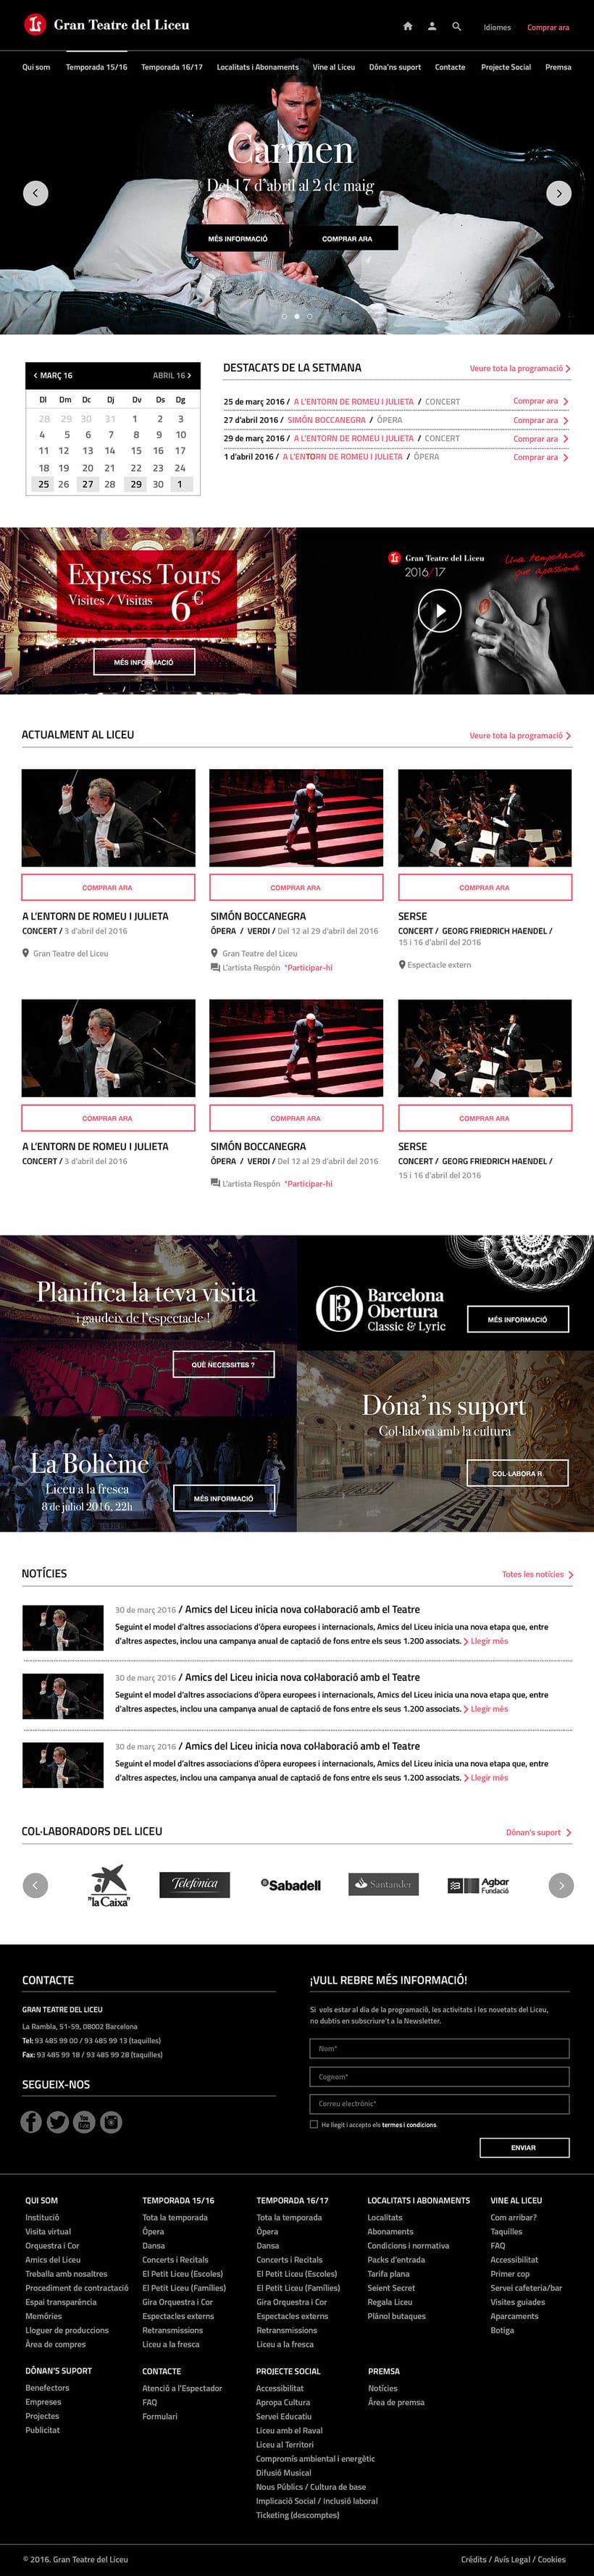 Propuesta de diseño web para Teatre del Liceu 2